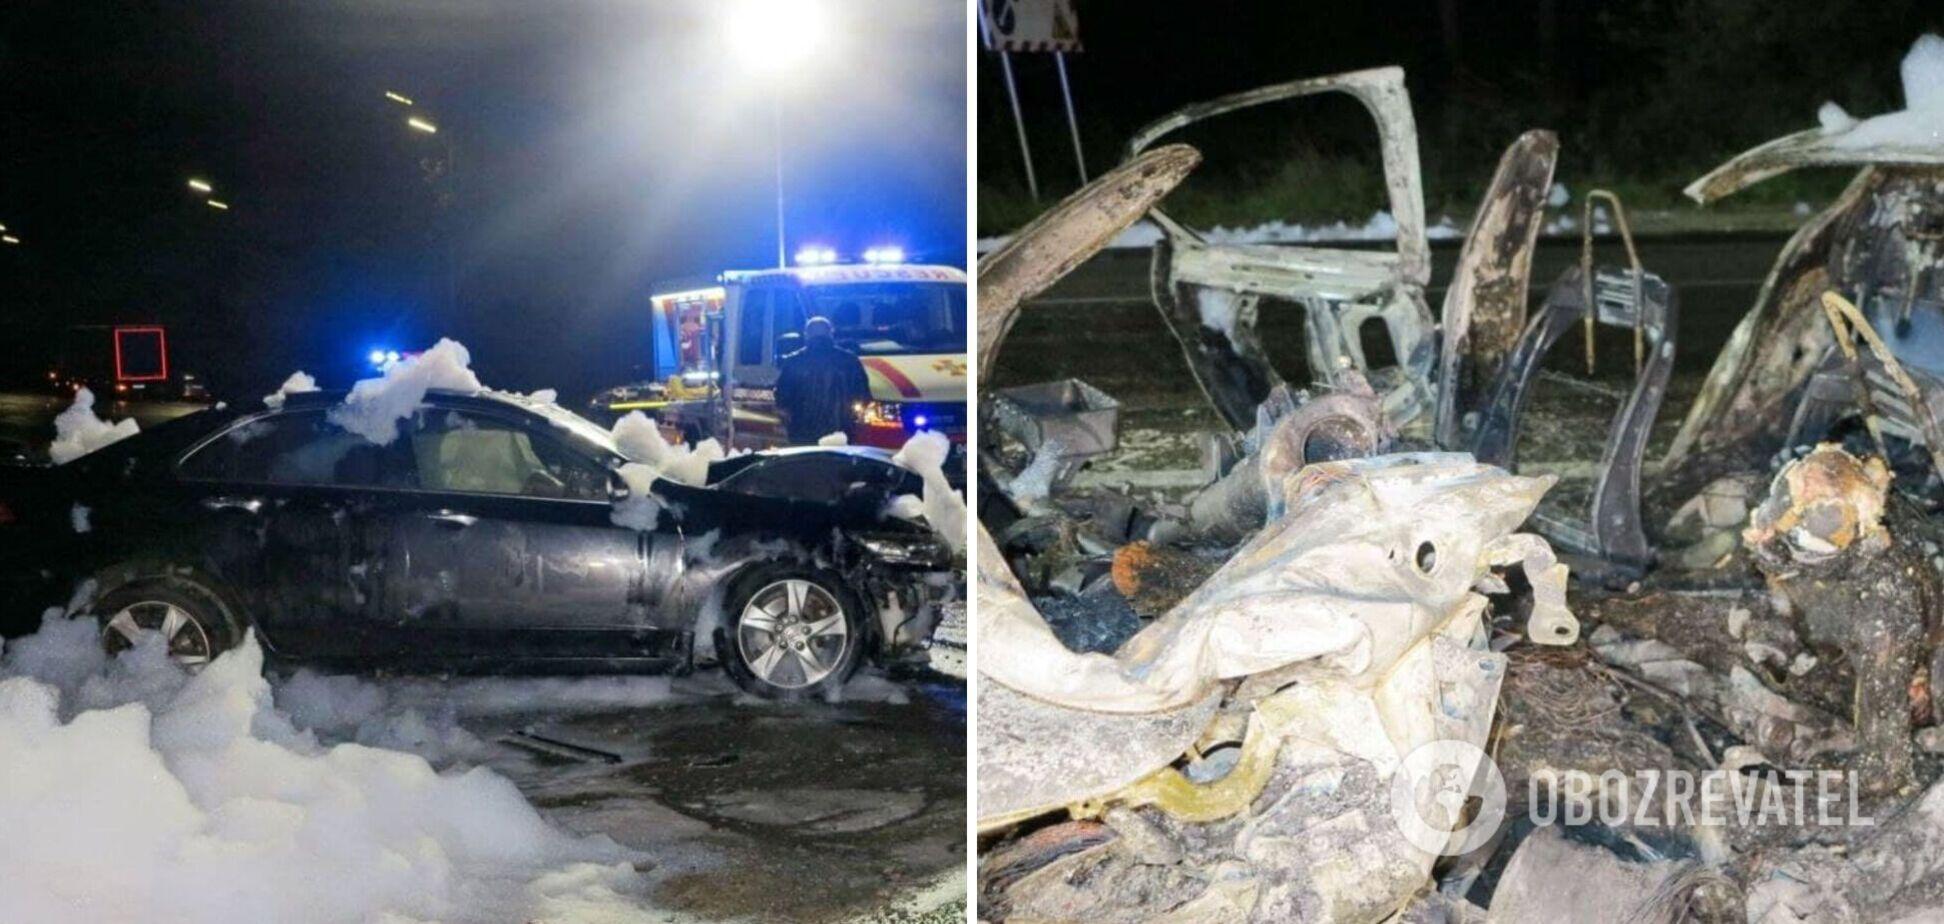 У Києві згорів автомобіль із водієм усередині. Фото та відео з місця ДТП